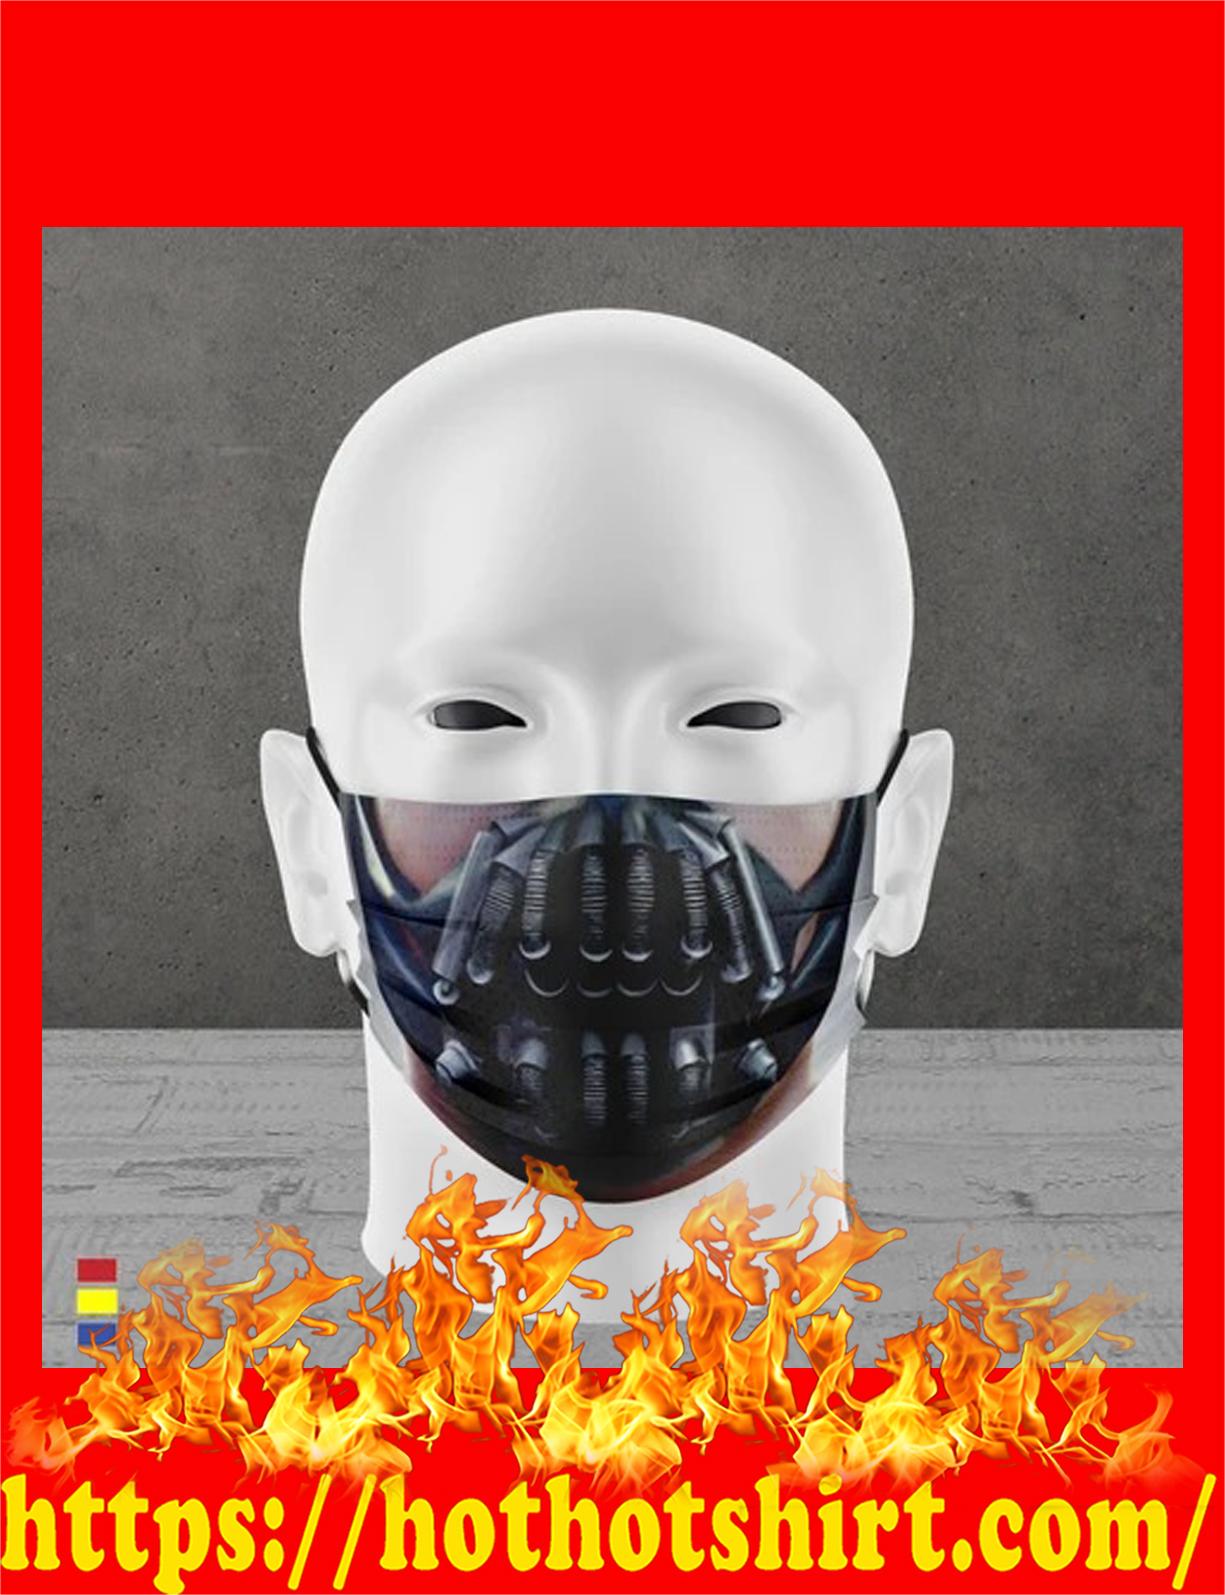 Villain face mask - detail